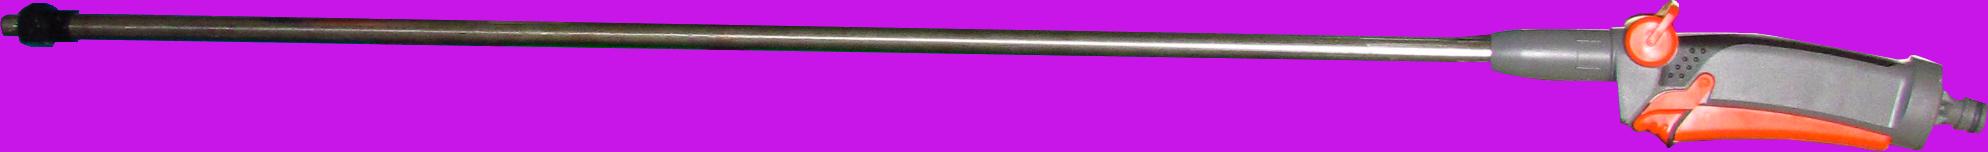 Lanze-2